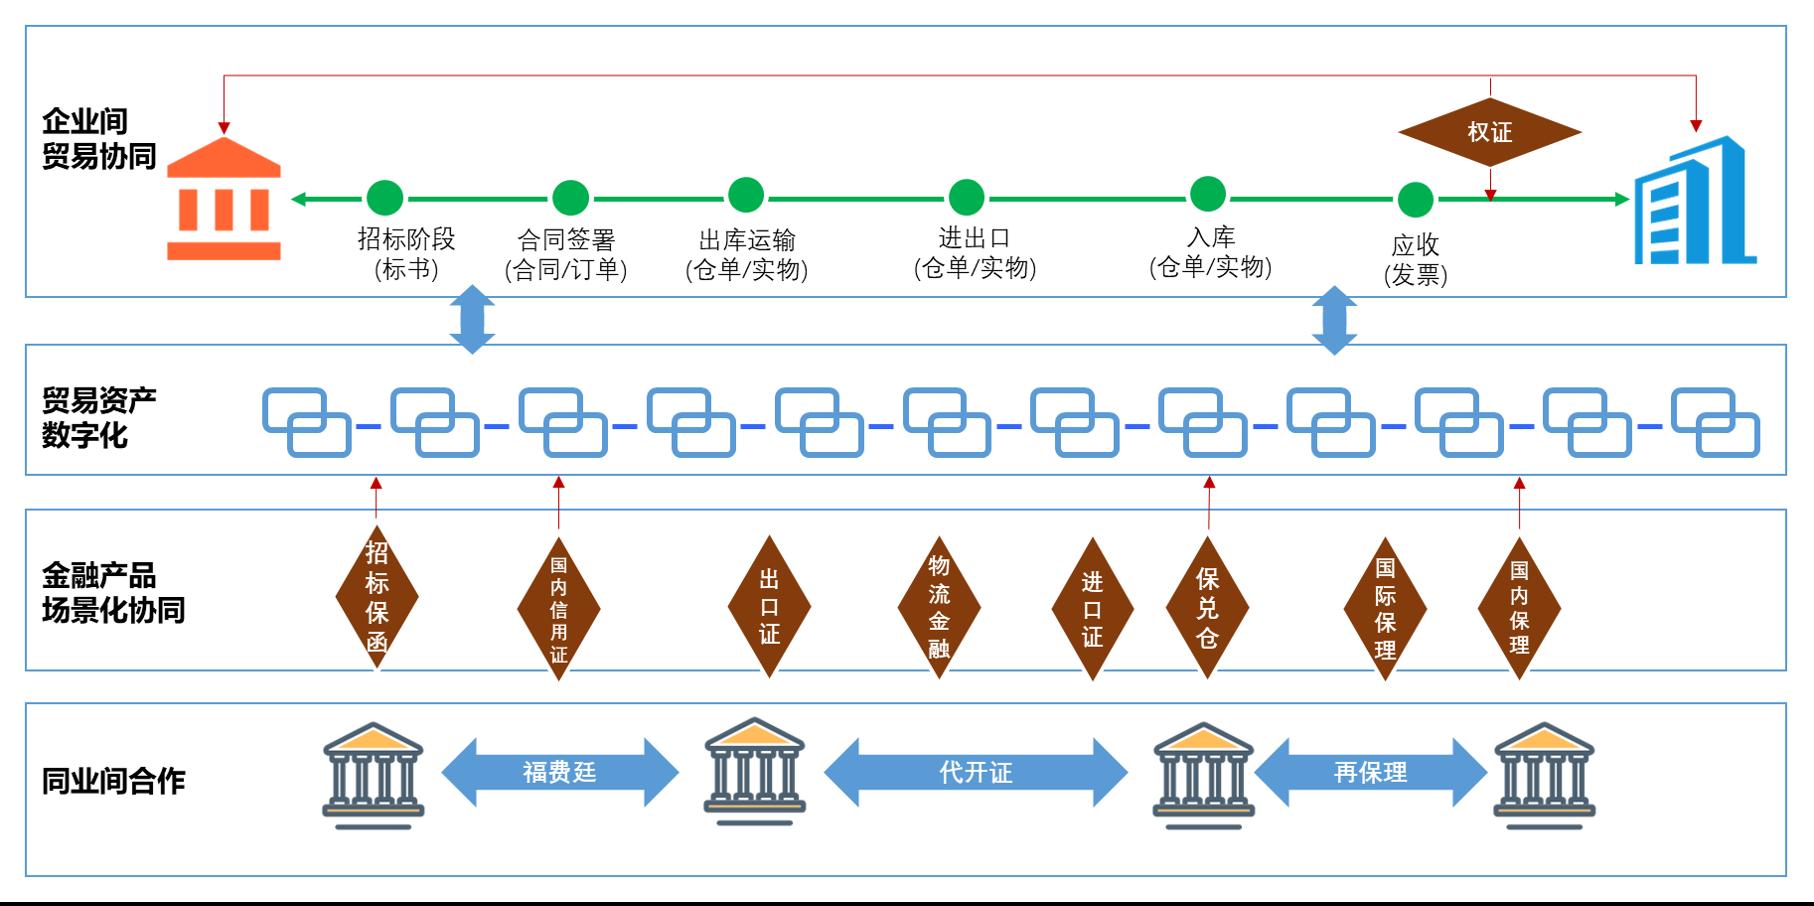 """建行区块链贸易融资生态丨创新金融服务模式,打造贸易融资""""朋友圈"""""""